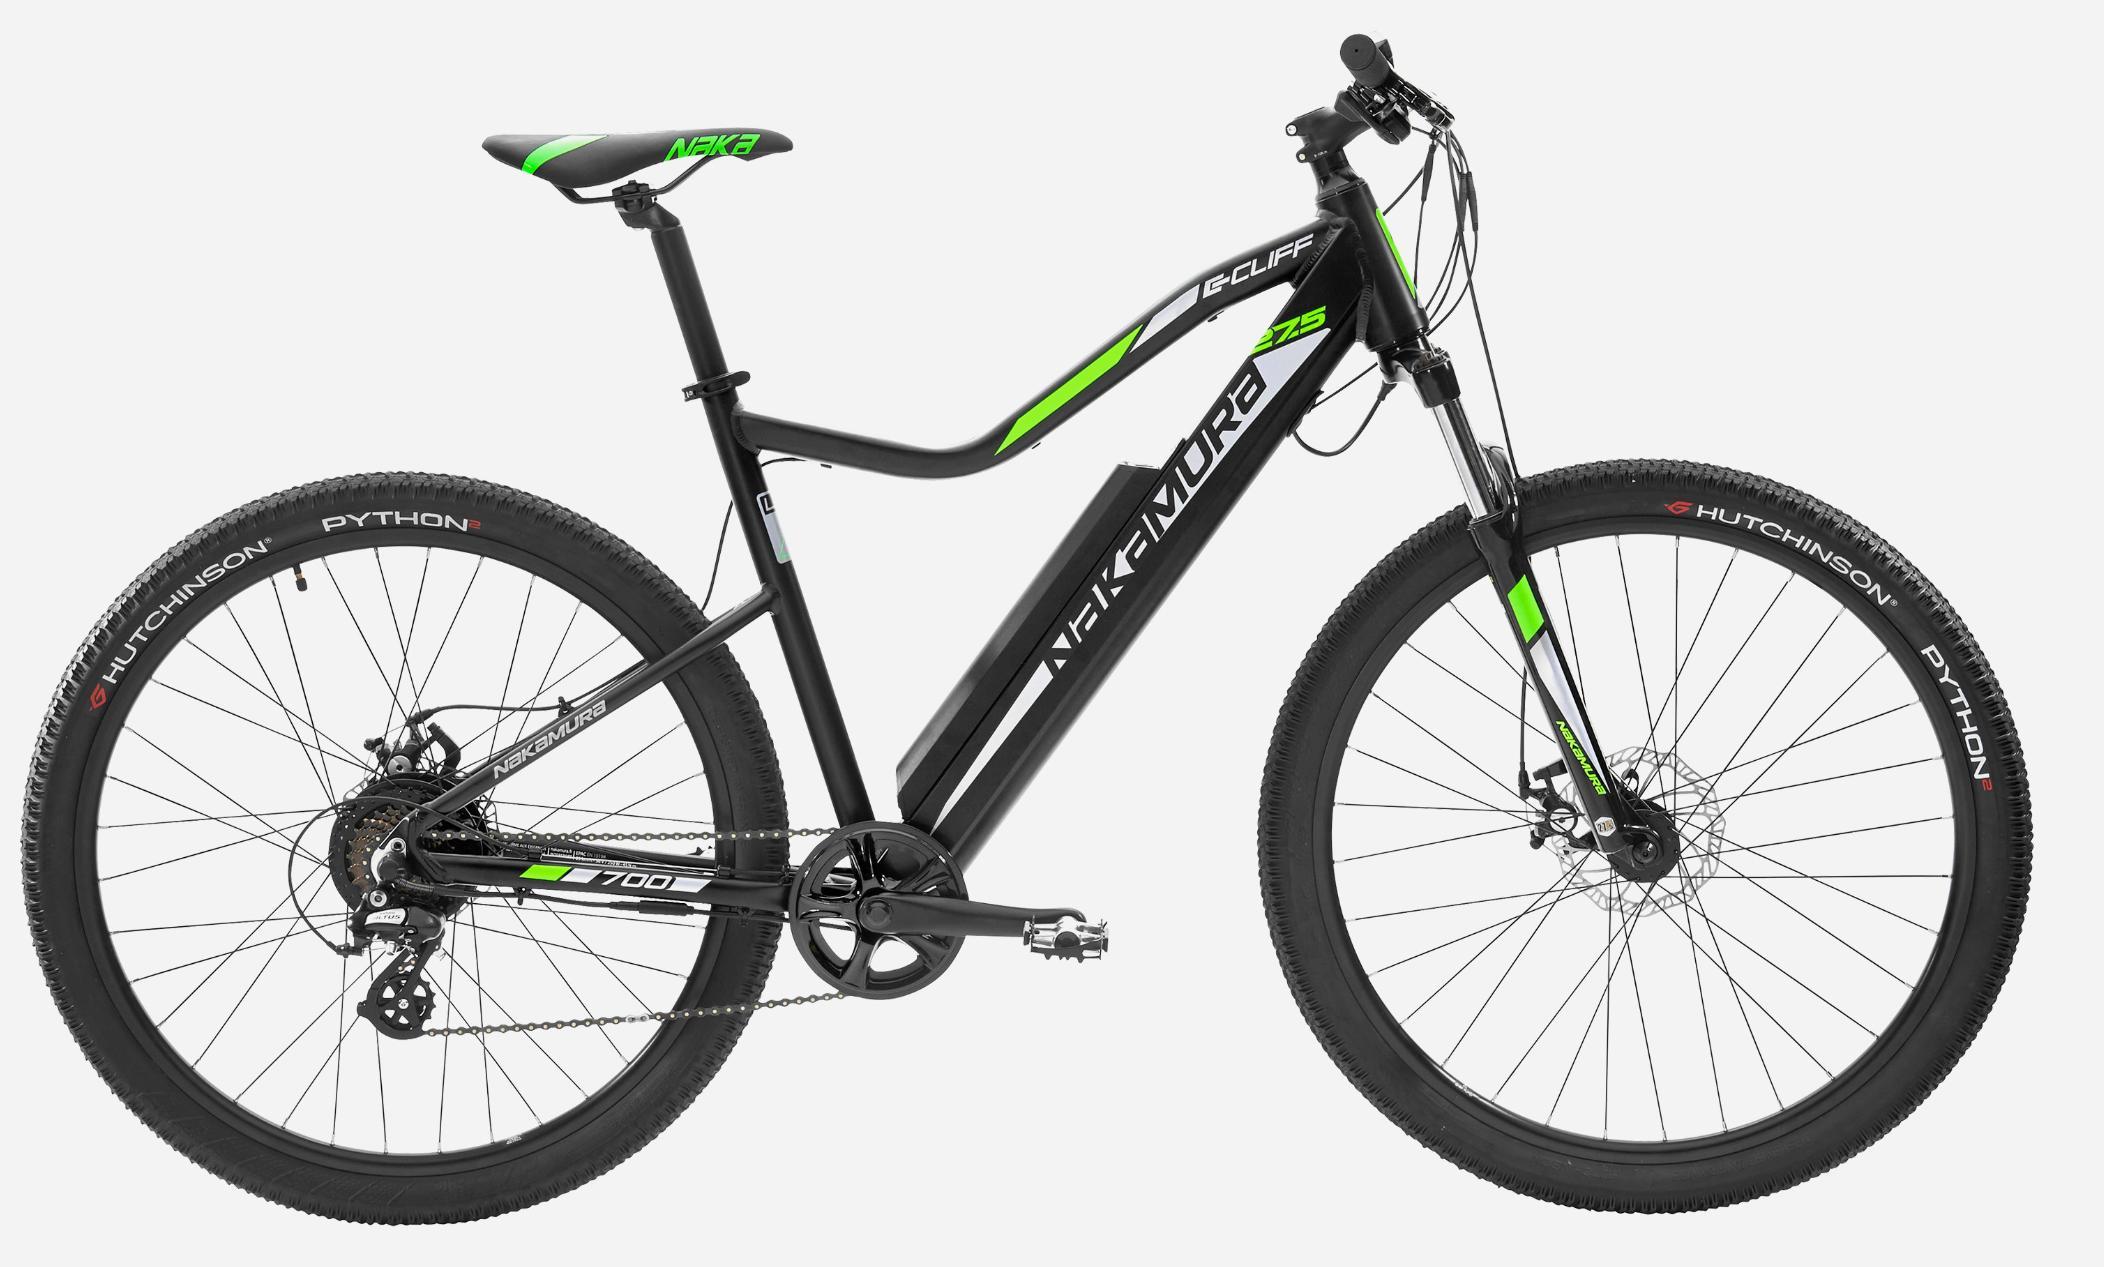 20% offerts en carte cadeau sur les Vélo électriques Nakamura - Ex : Vélo VTT électrique Nakamura E-Cliff 700 (+199.99€ en carte cadeau)